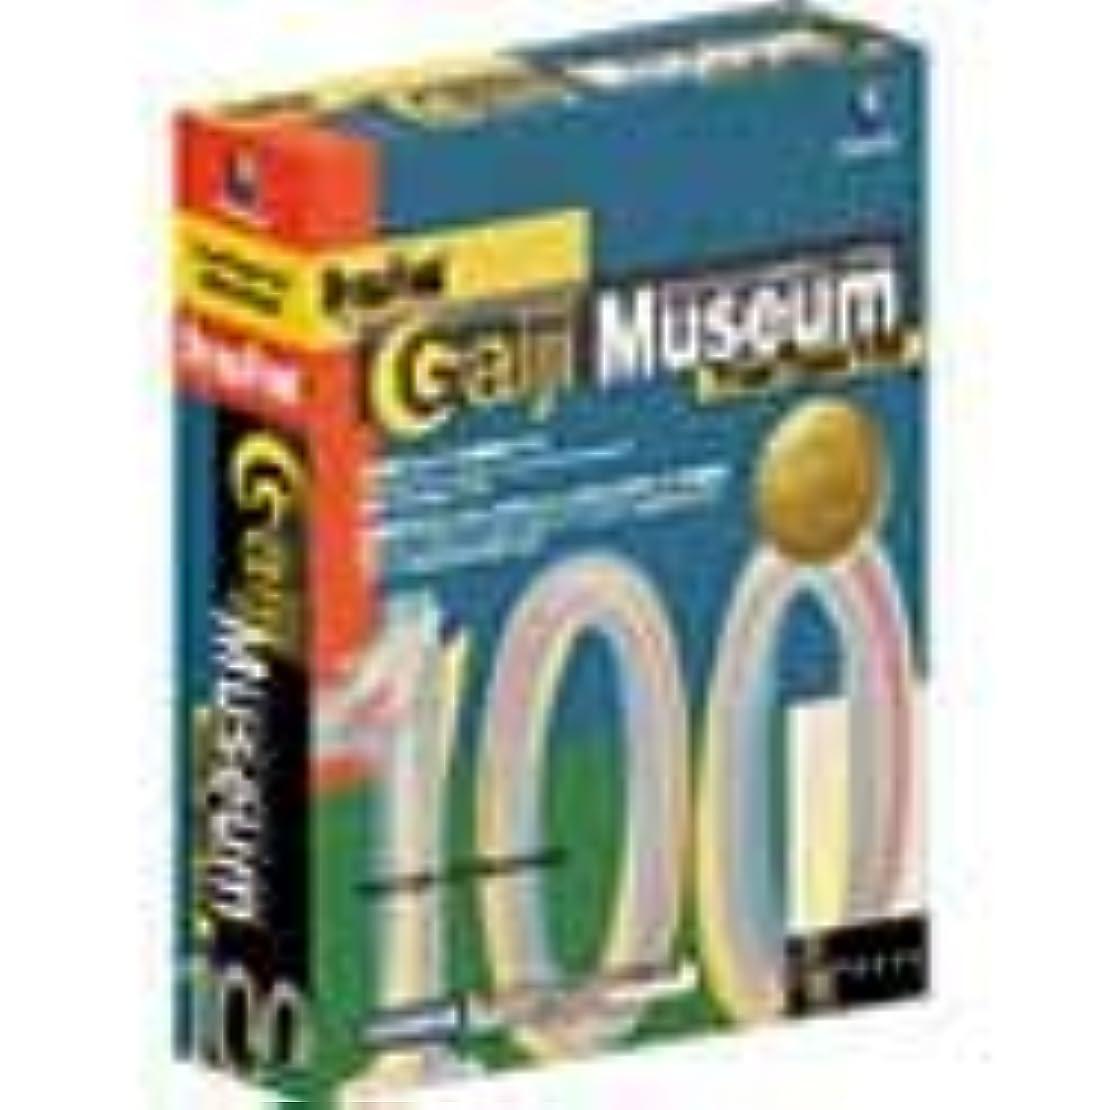 ペルソナ規則性きつくDynaFont Gaiji Museum TrueType100 for Macintosh